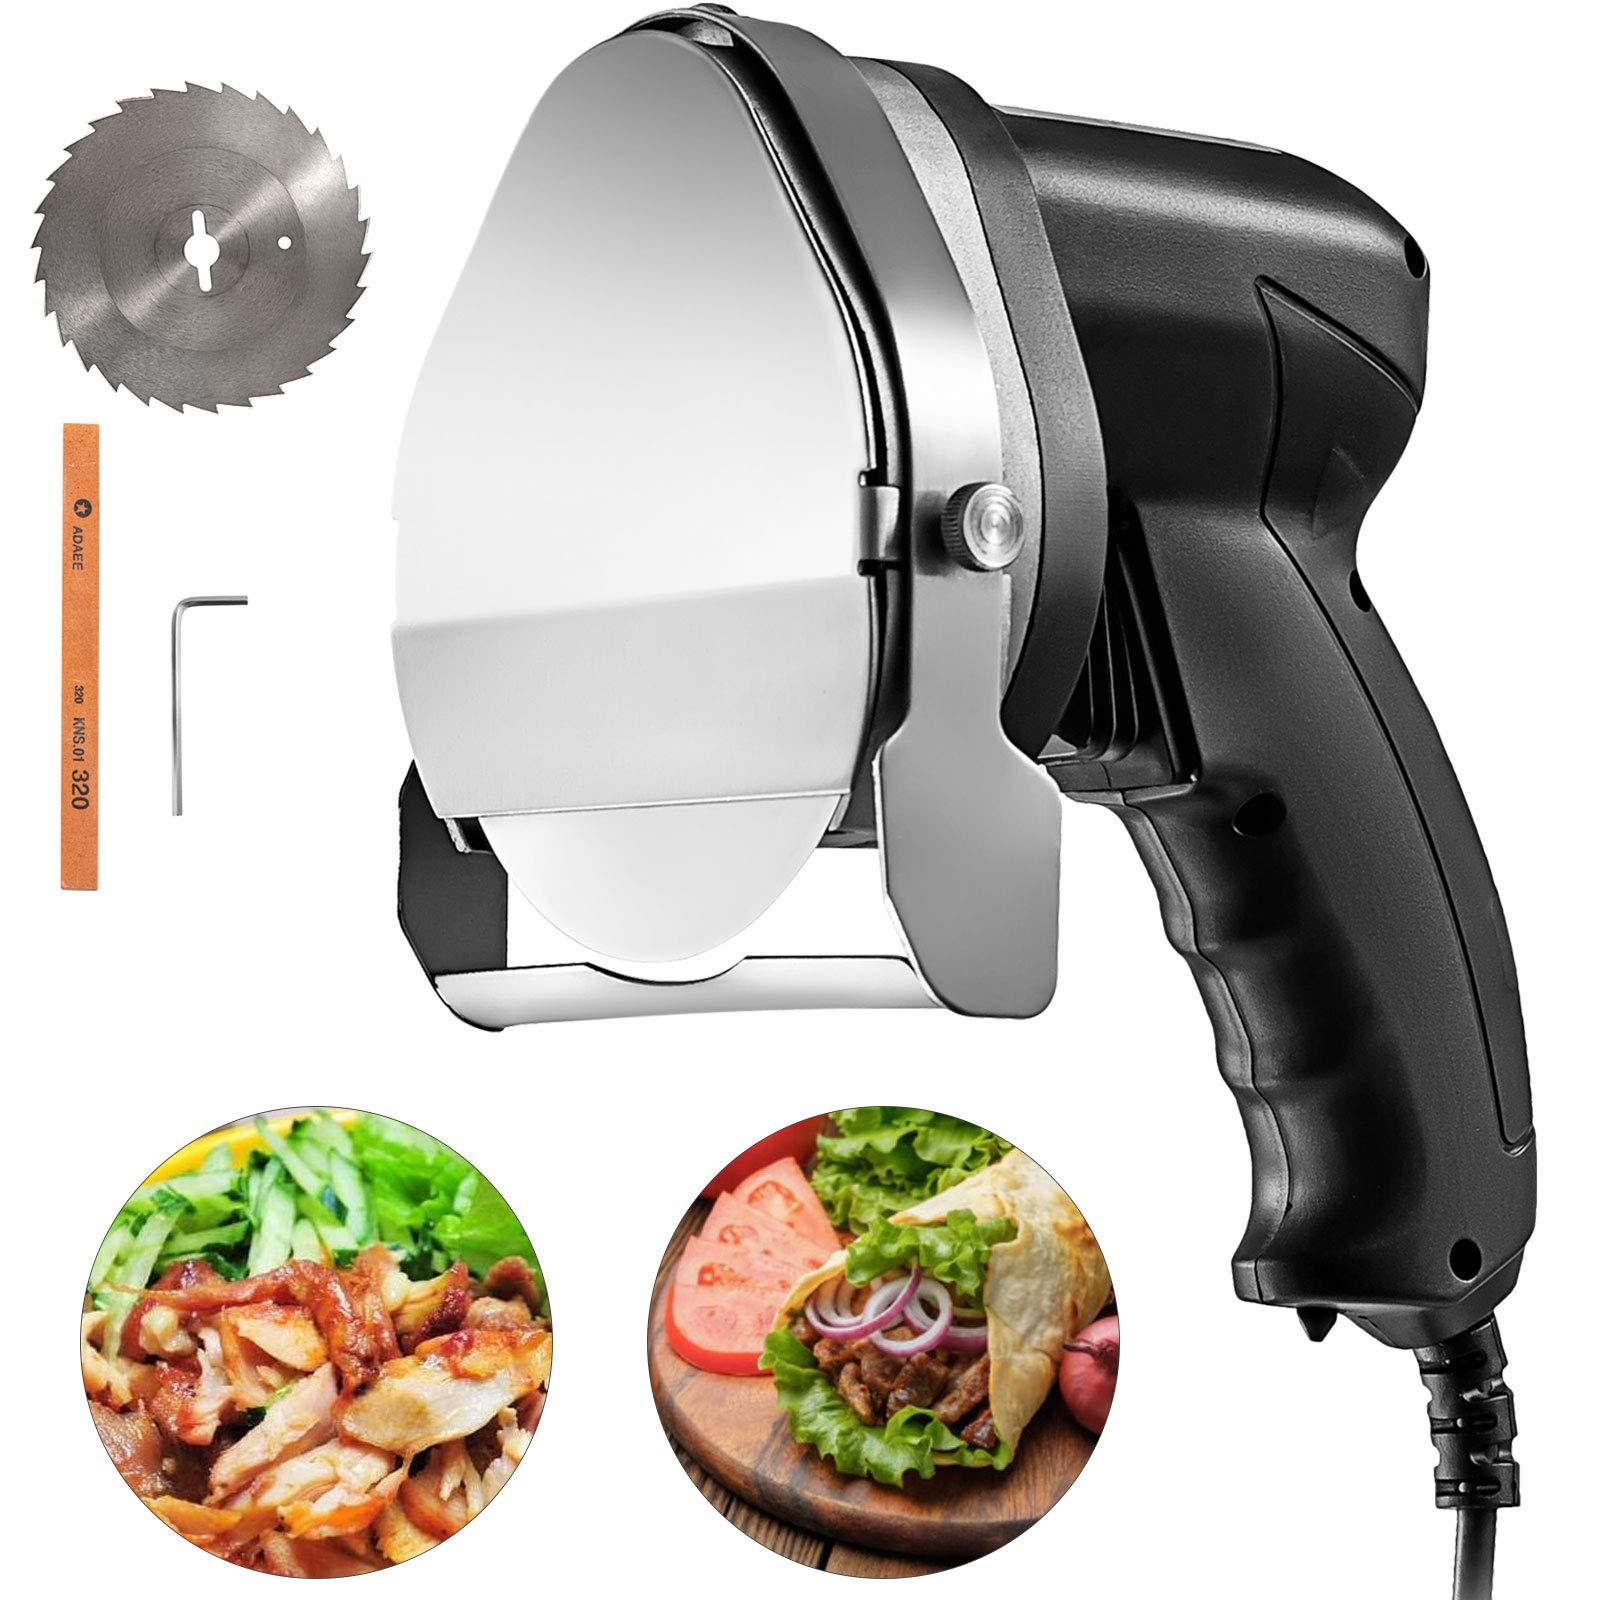 VBENLEM Electric Kebab Slicer 3.93'' Blade Electric Kebab Knife 80W Electric Meat Slicer Shaver 110V 2800 RPM With 2 Blades For Cutting Shawarma Doner Kebab